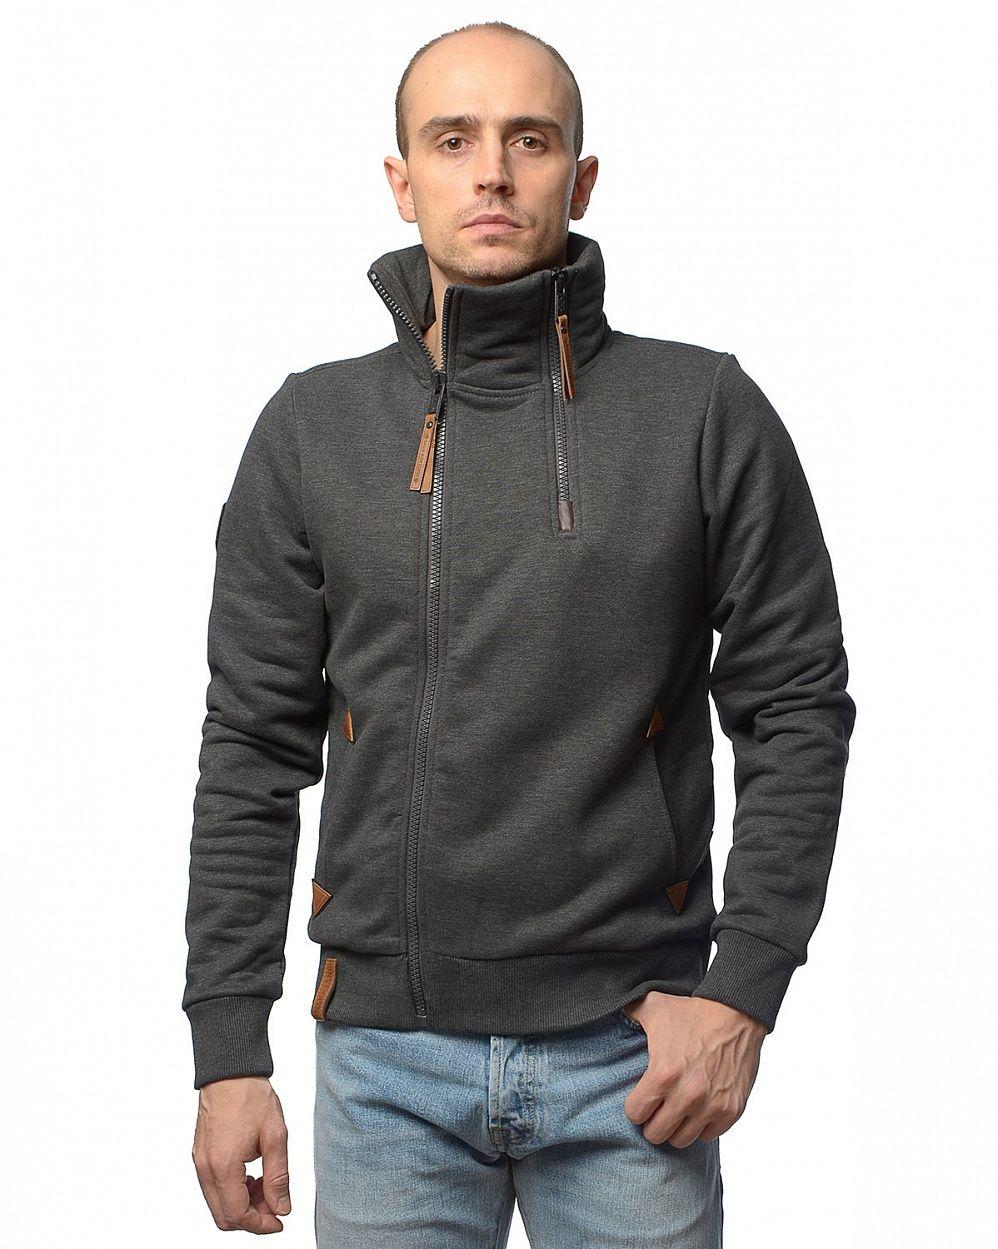 2bcfcbcd050da купить Толстовка мужская на молнии Naketano Du Aff Full-Zip Sweatshirt  Anthracite в Москве